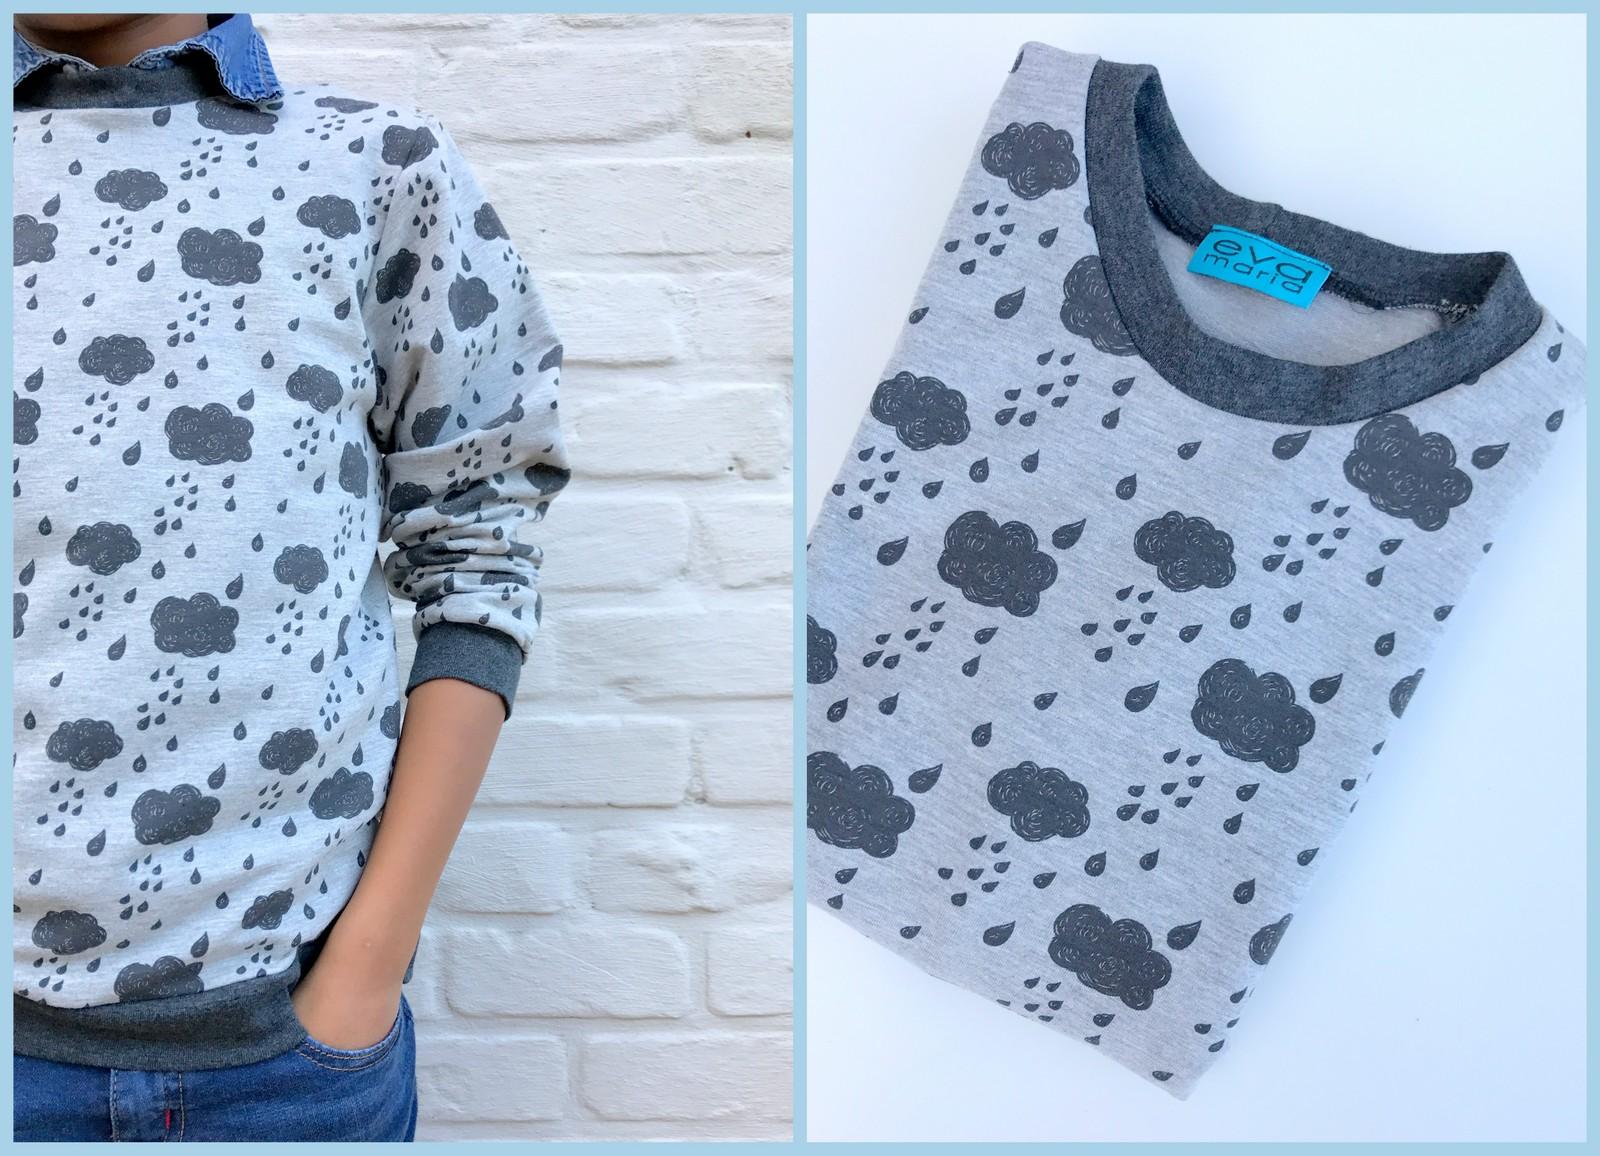 rainy sweater (collage)